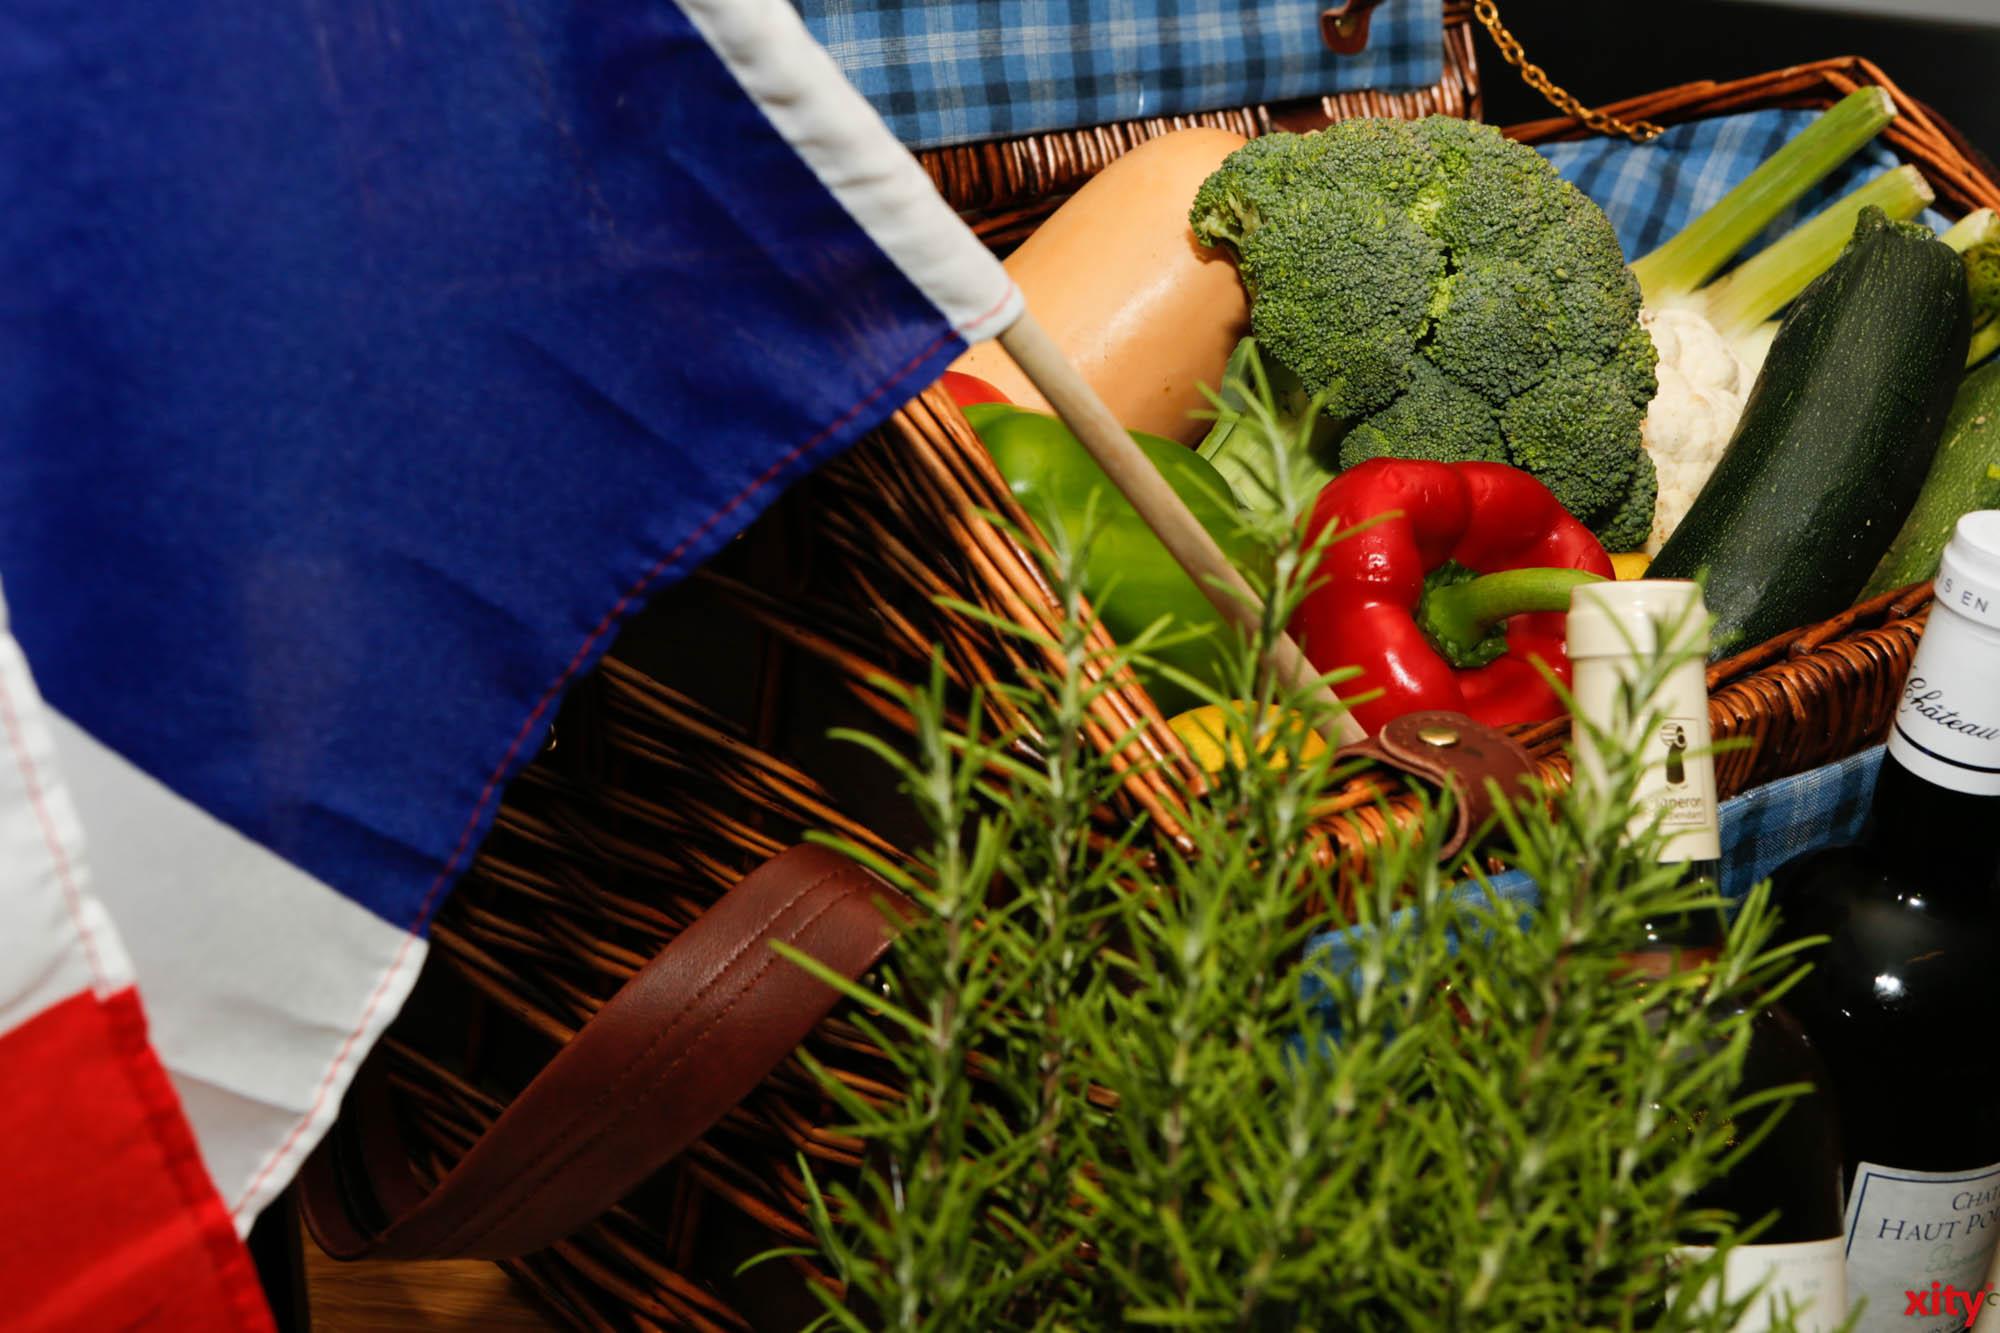 An der Rheinuferpromenade empfängt der französische Gourmet-Wochenmarkt Les Saveurs de France mit landestypischen Spezialitäten(Foto: xity)